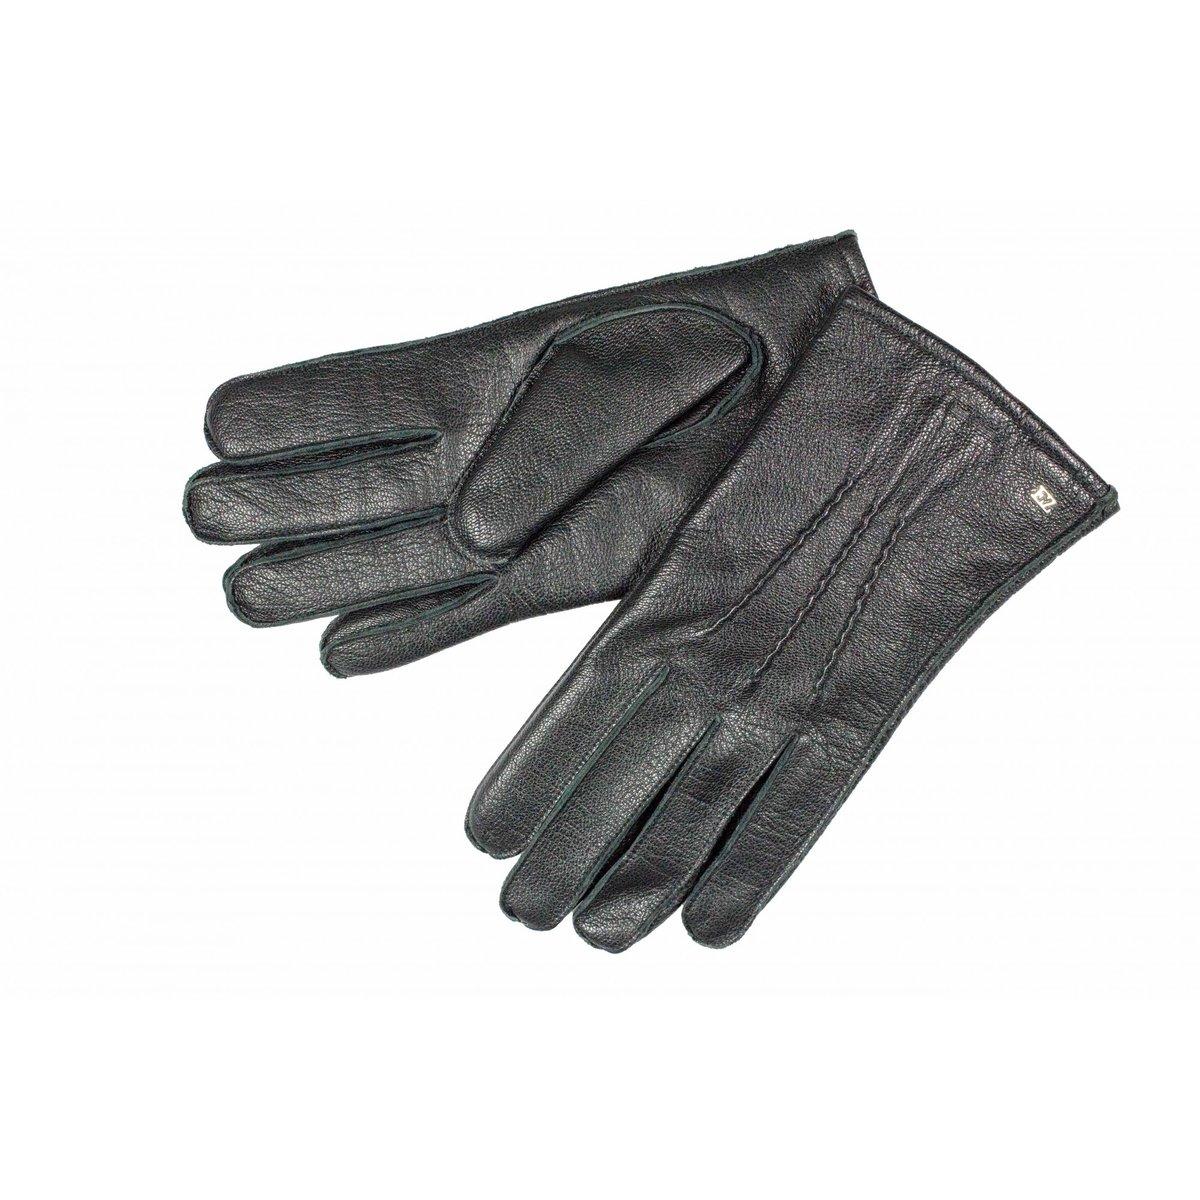 мужские кожаные перчатки девятнадцатого века фото фотомагнитов ваш